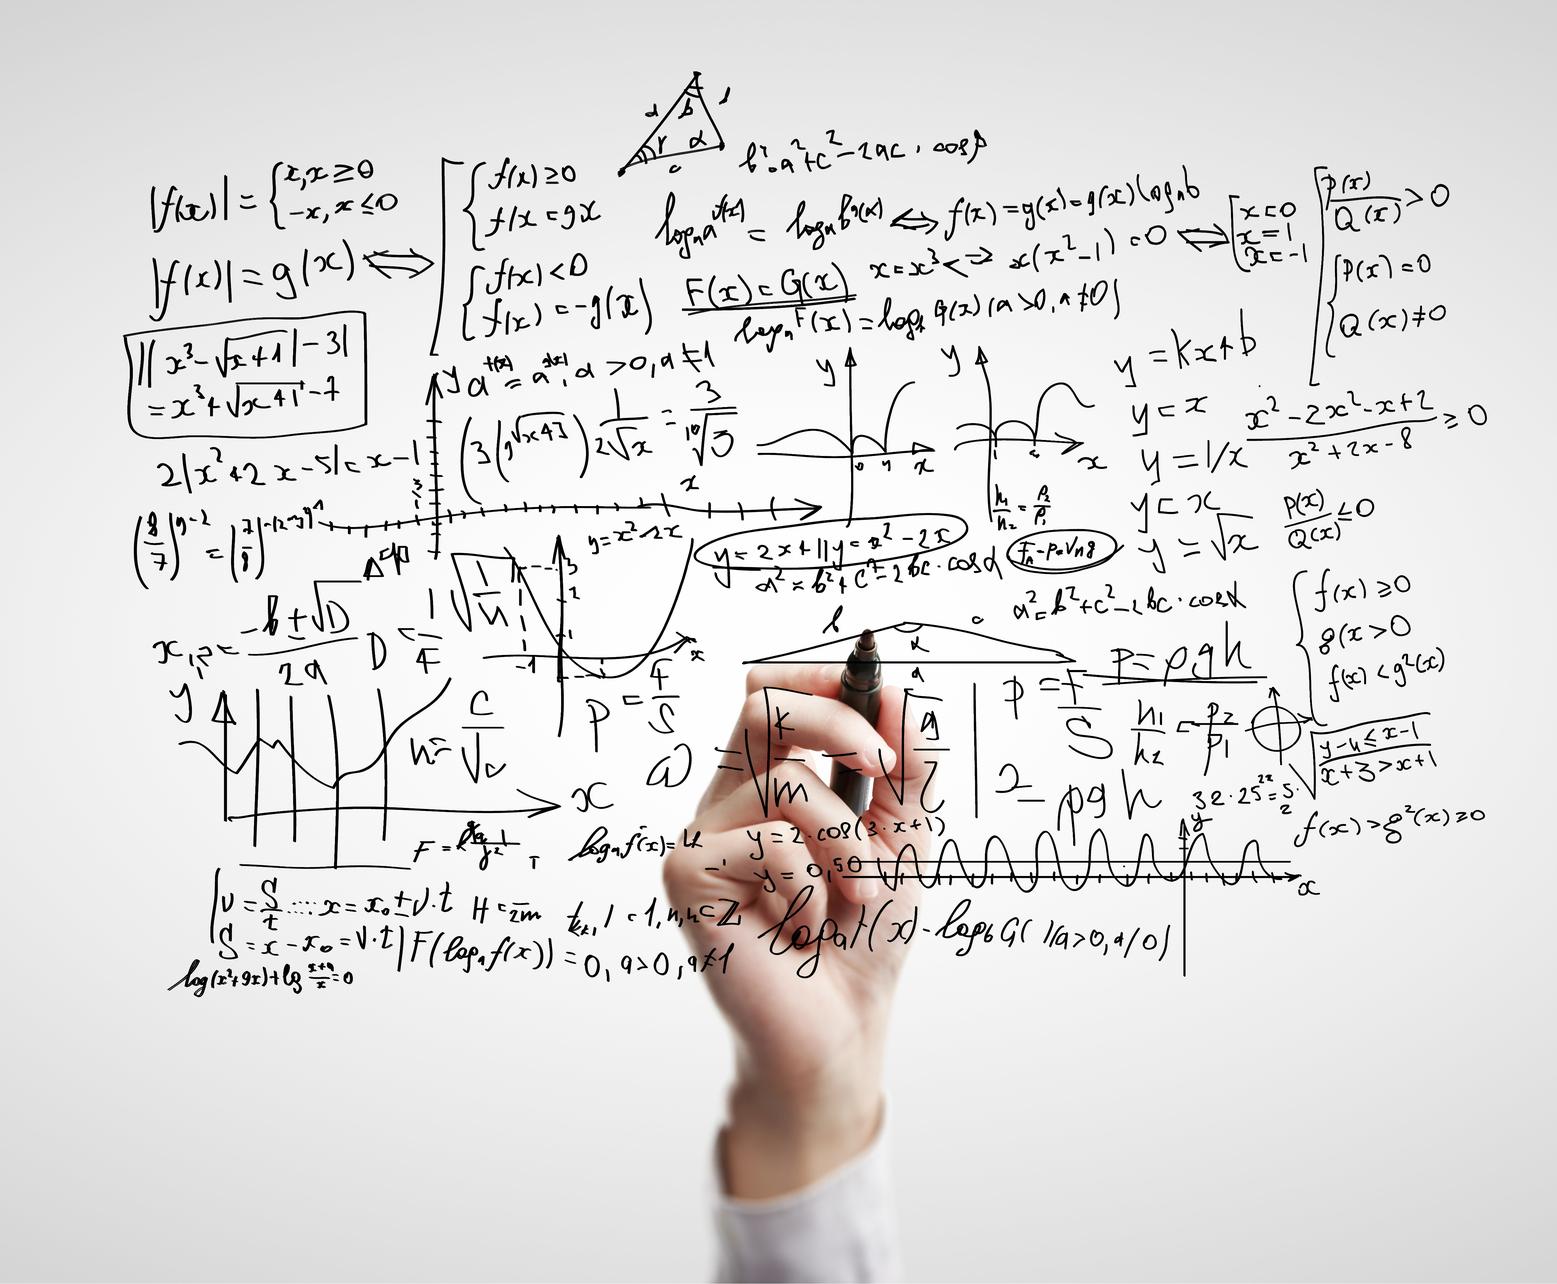 تعیین میزان بلاعوض در قرارداد مشارکت درساخت